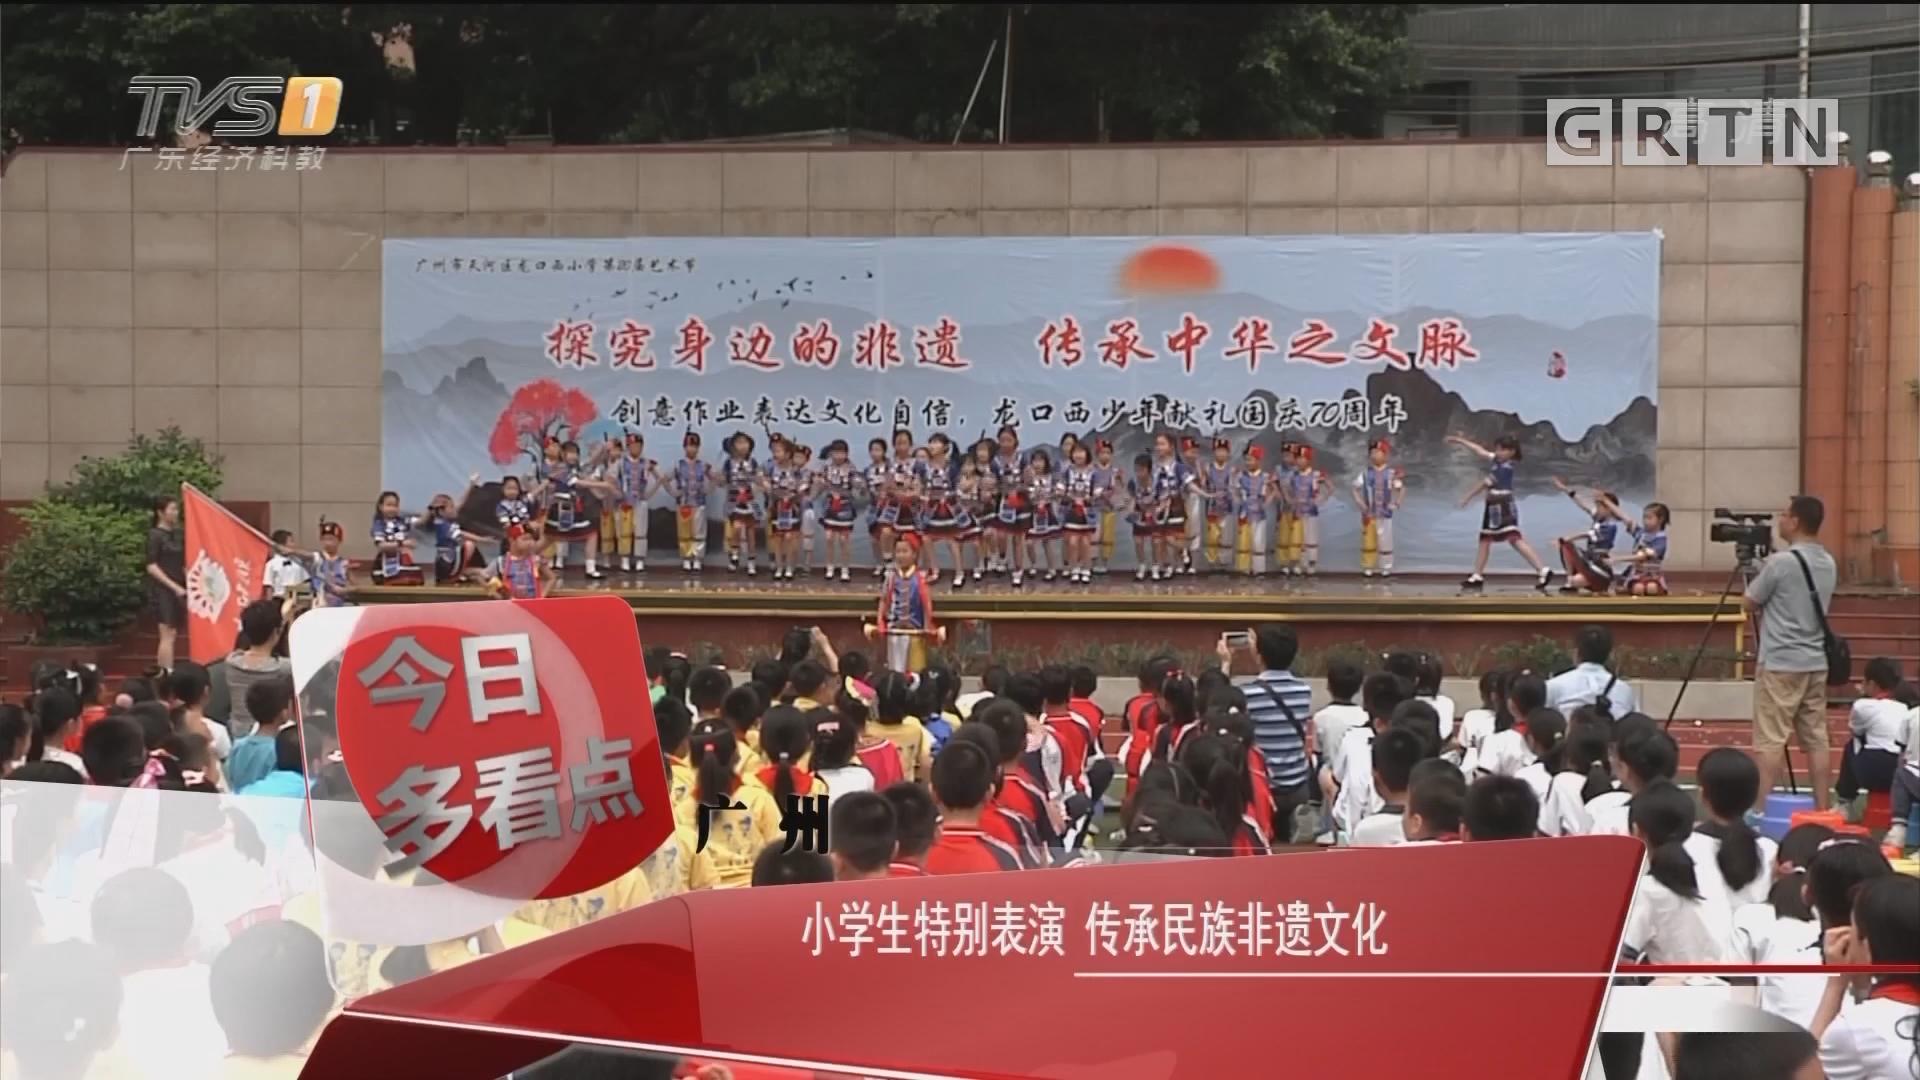 广州:小学生特别表演 传承民族非遗文化